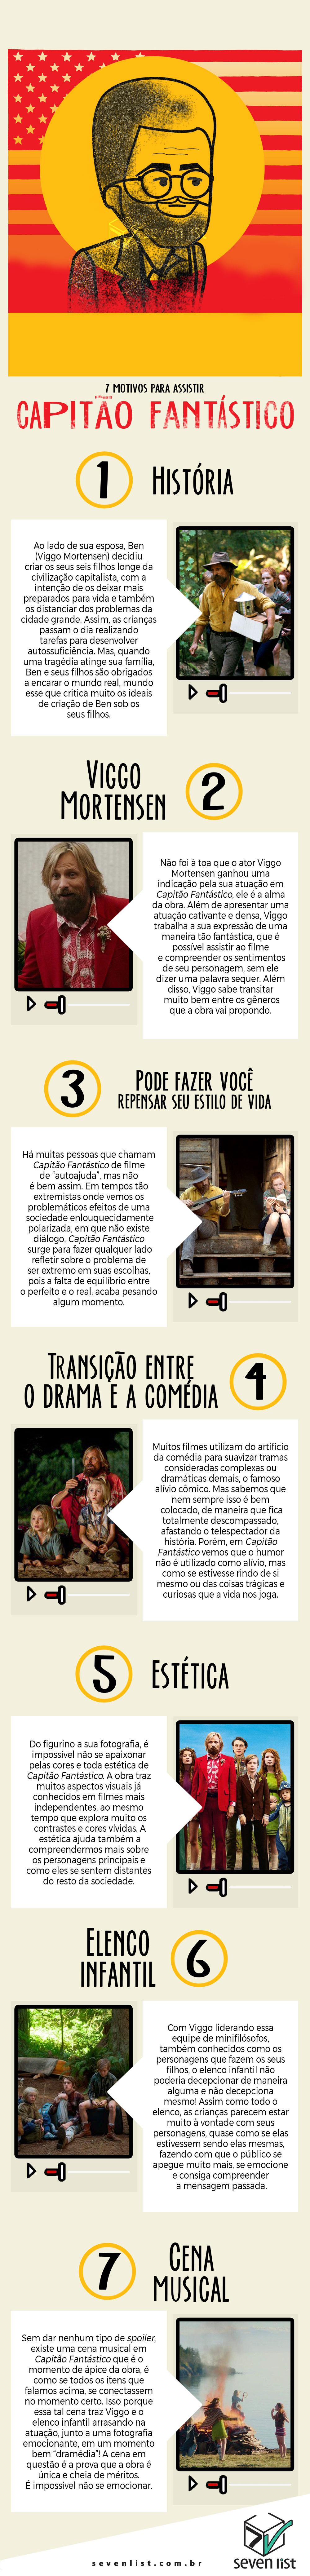 7 MOTIVOS PARA ASSISTIR CAPITÃO FANTÁSTICO - SEVEN LIST